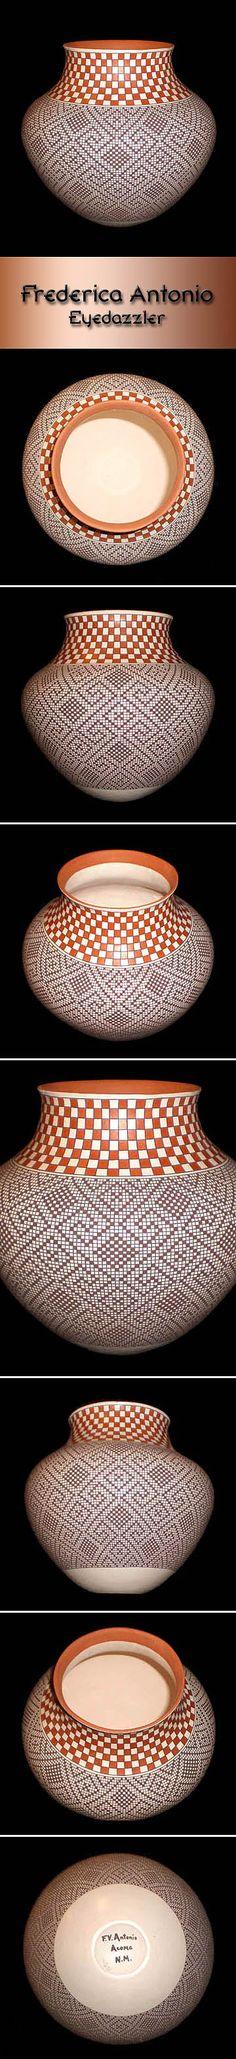 Pueblo Pottery by Frederica Antonio (Acoma) - Eyedazzler